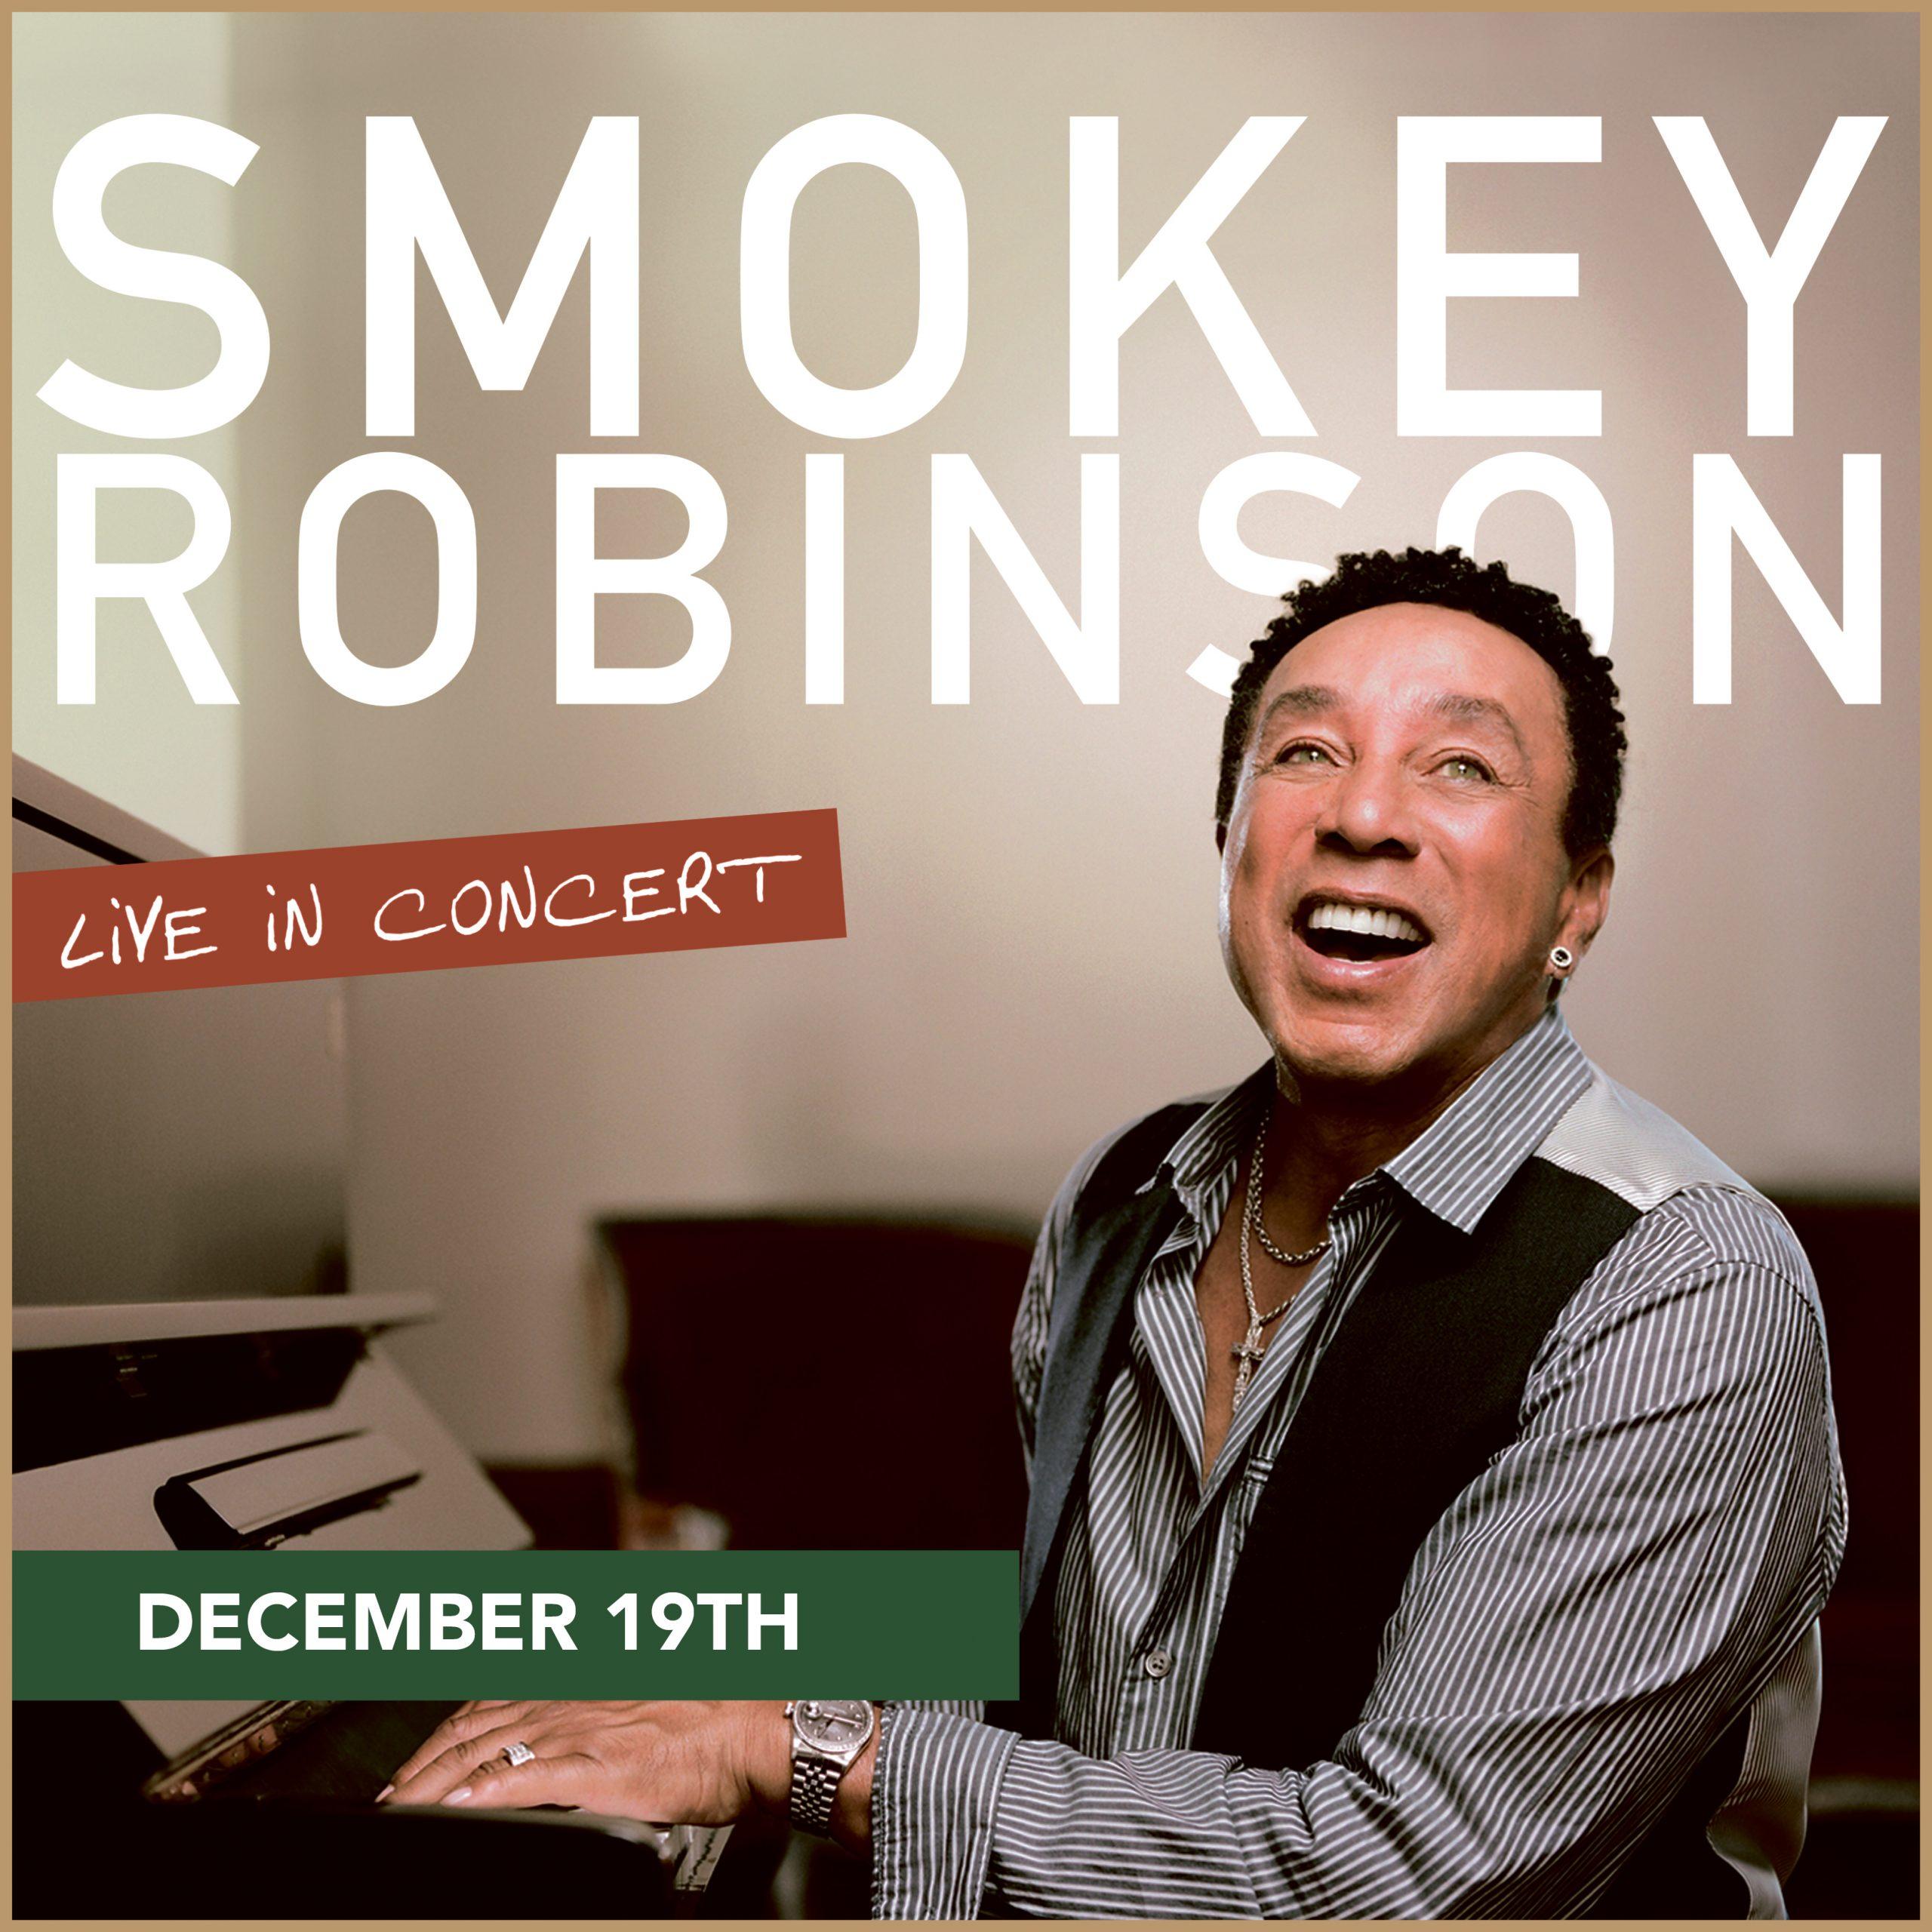 The Open Air Concert Series – Smokey Robinson